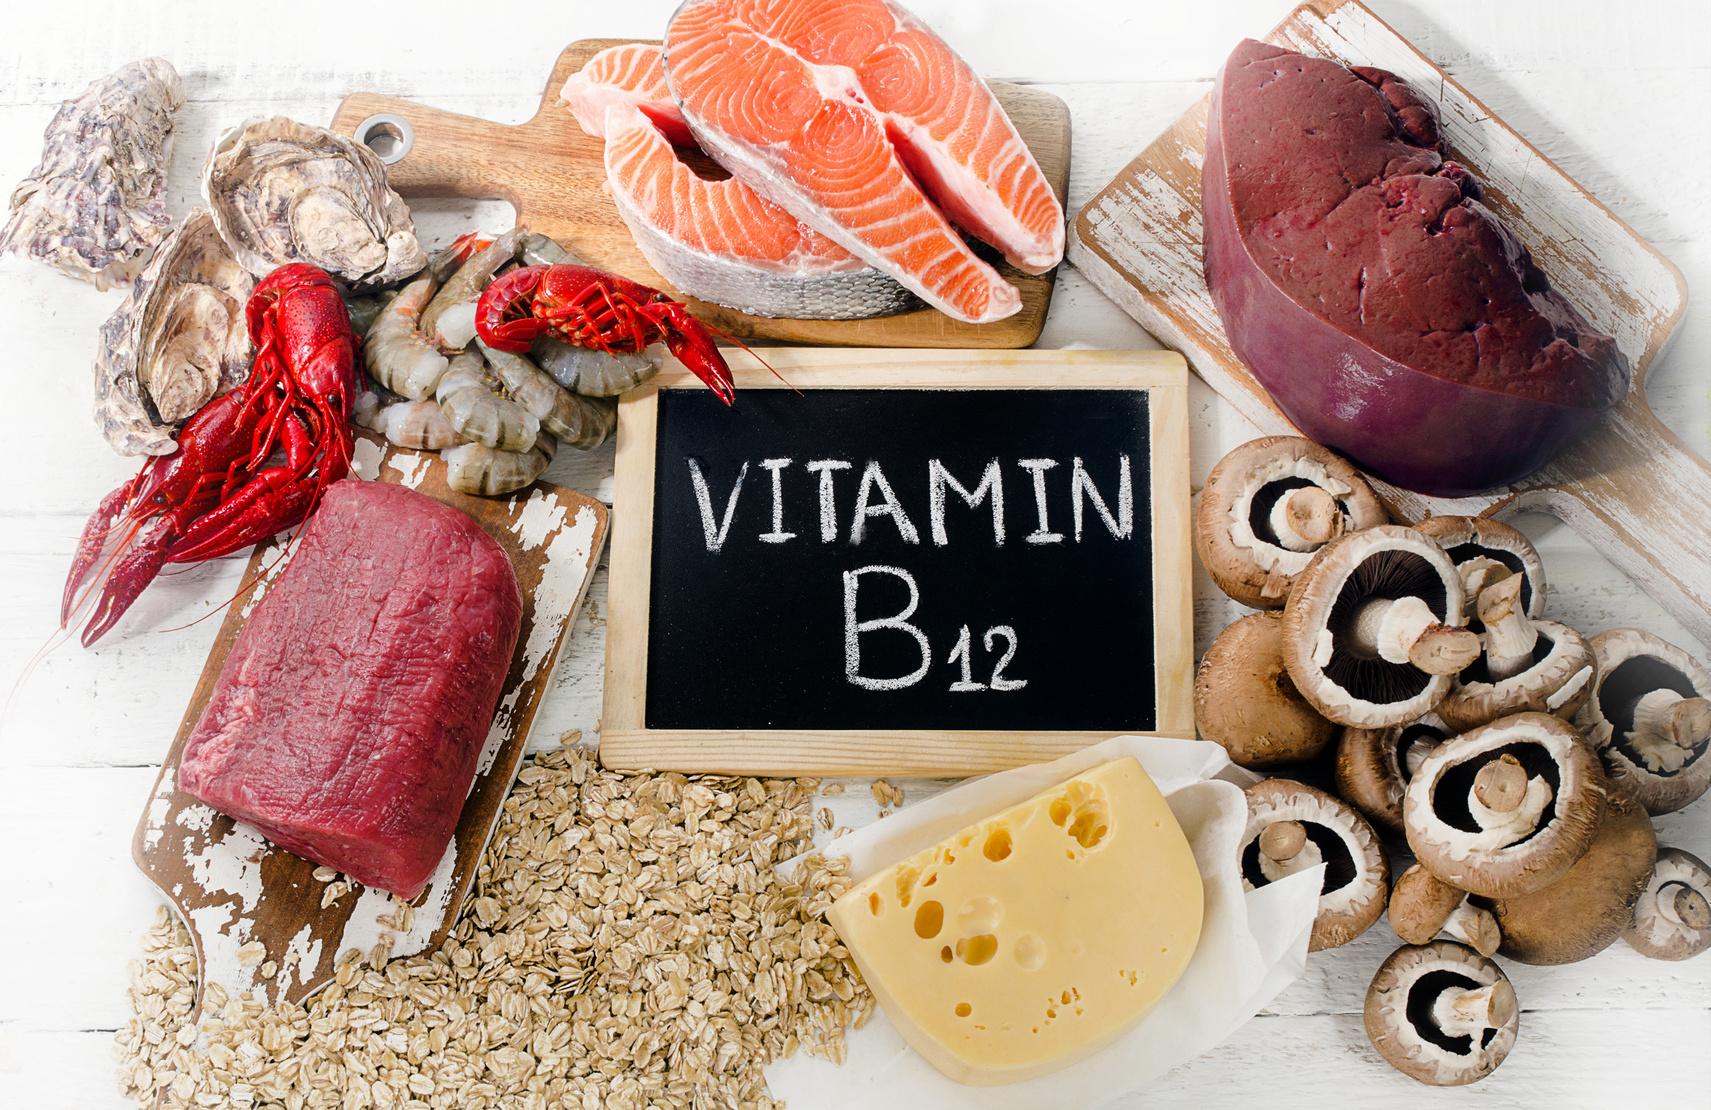 Рейтинг лучших препаратов с витамином группы В12 на 2020 год